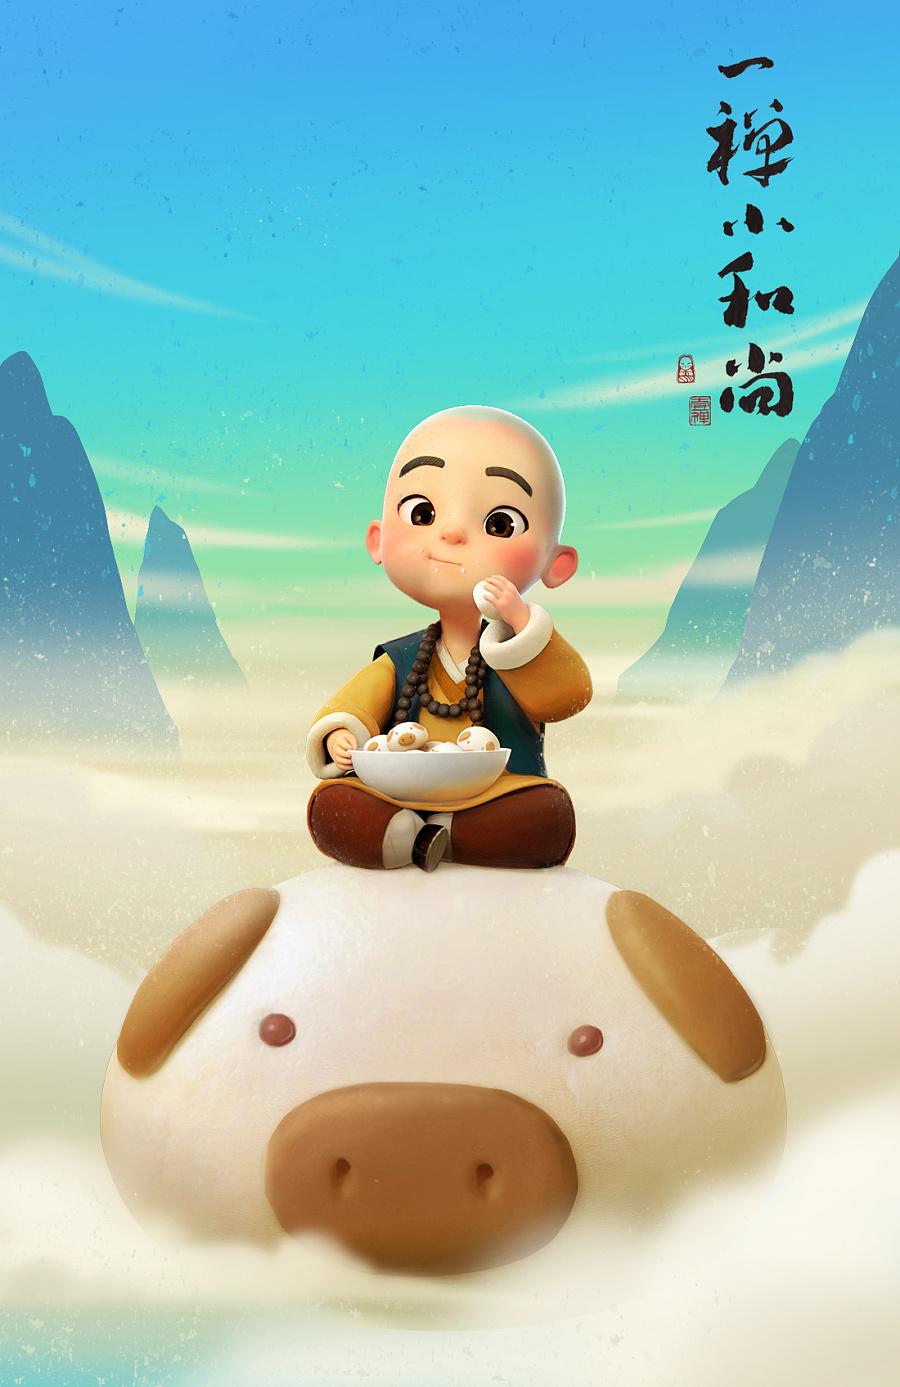 《一禅小和尚》嘻嘻~小猪包|其他插画|插画|一